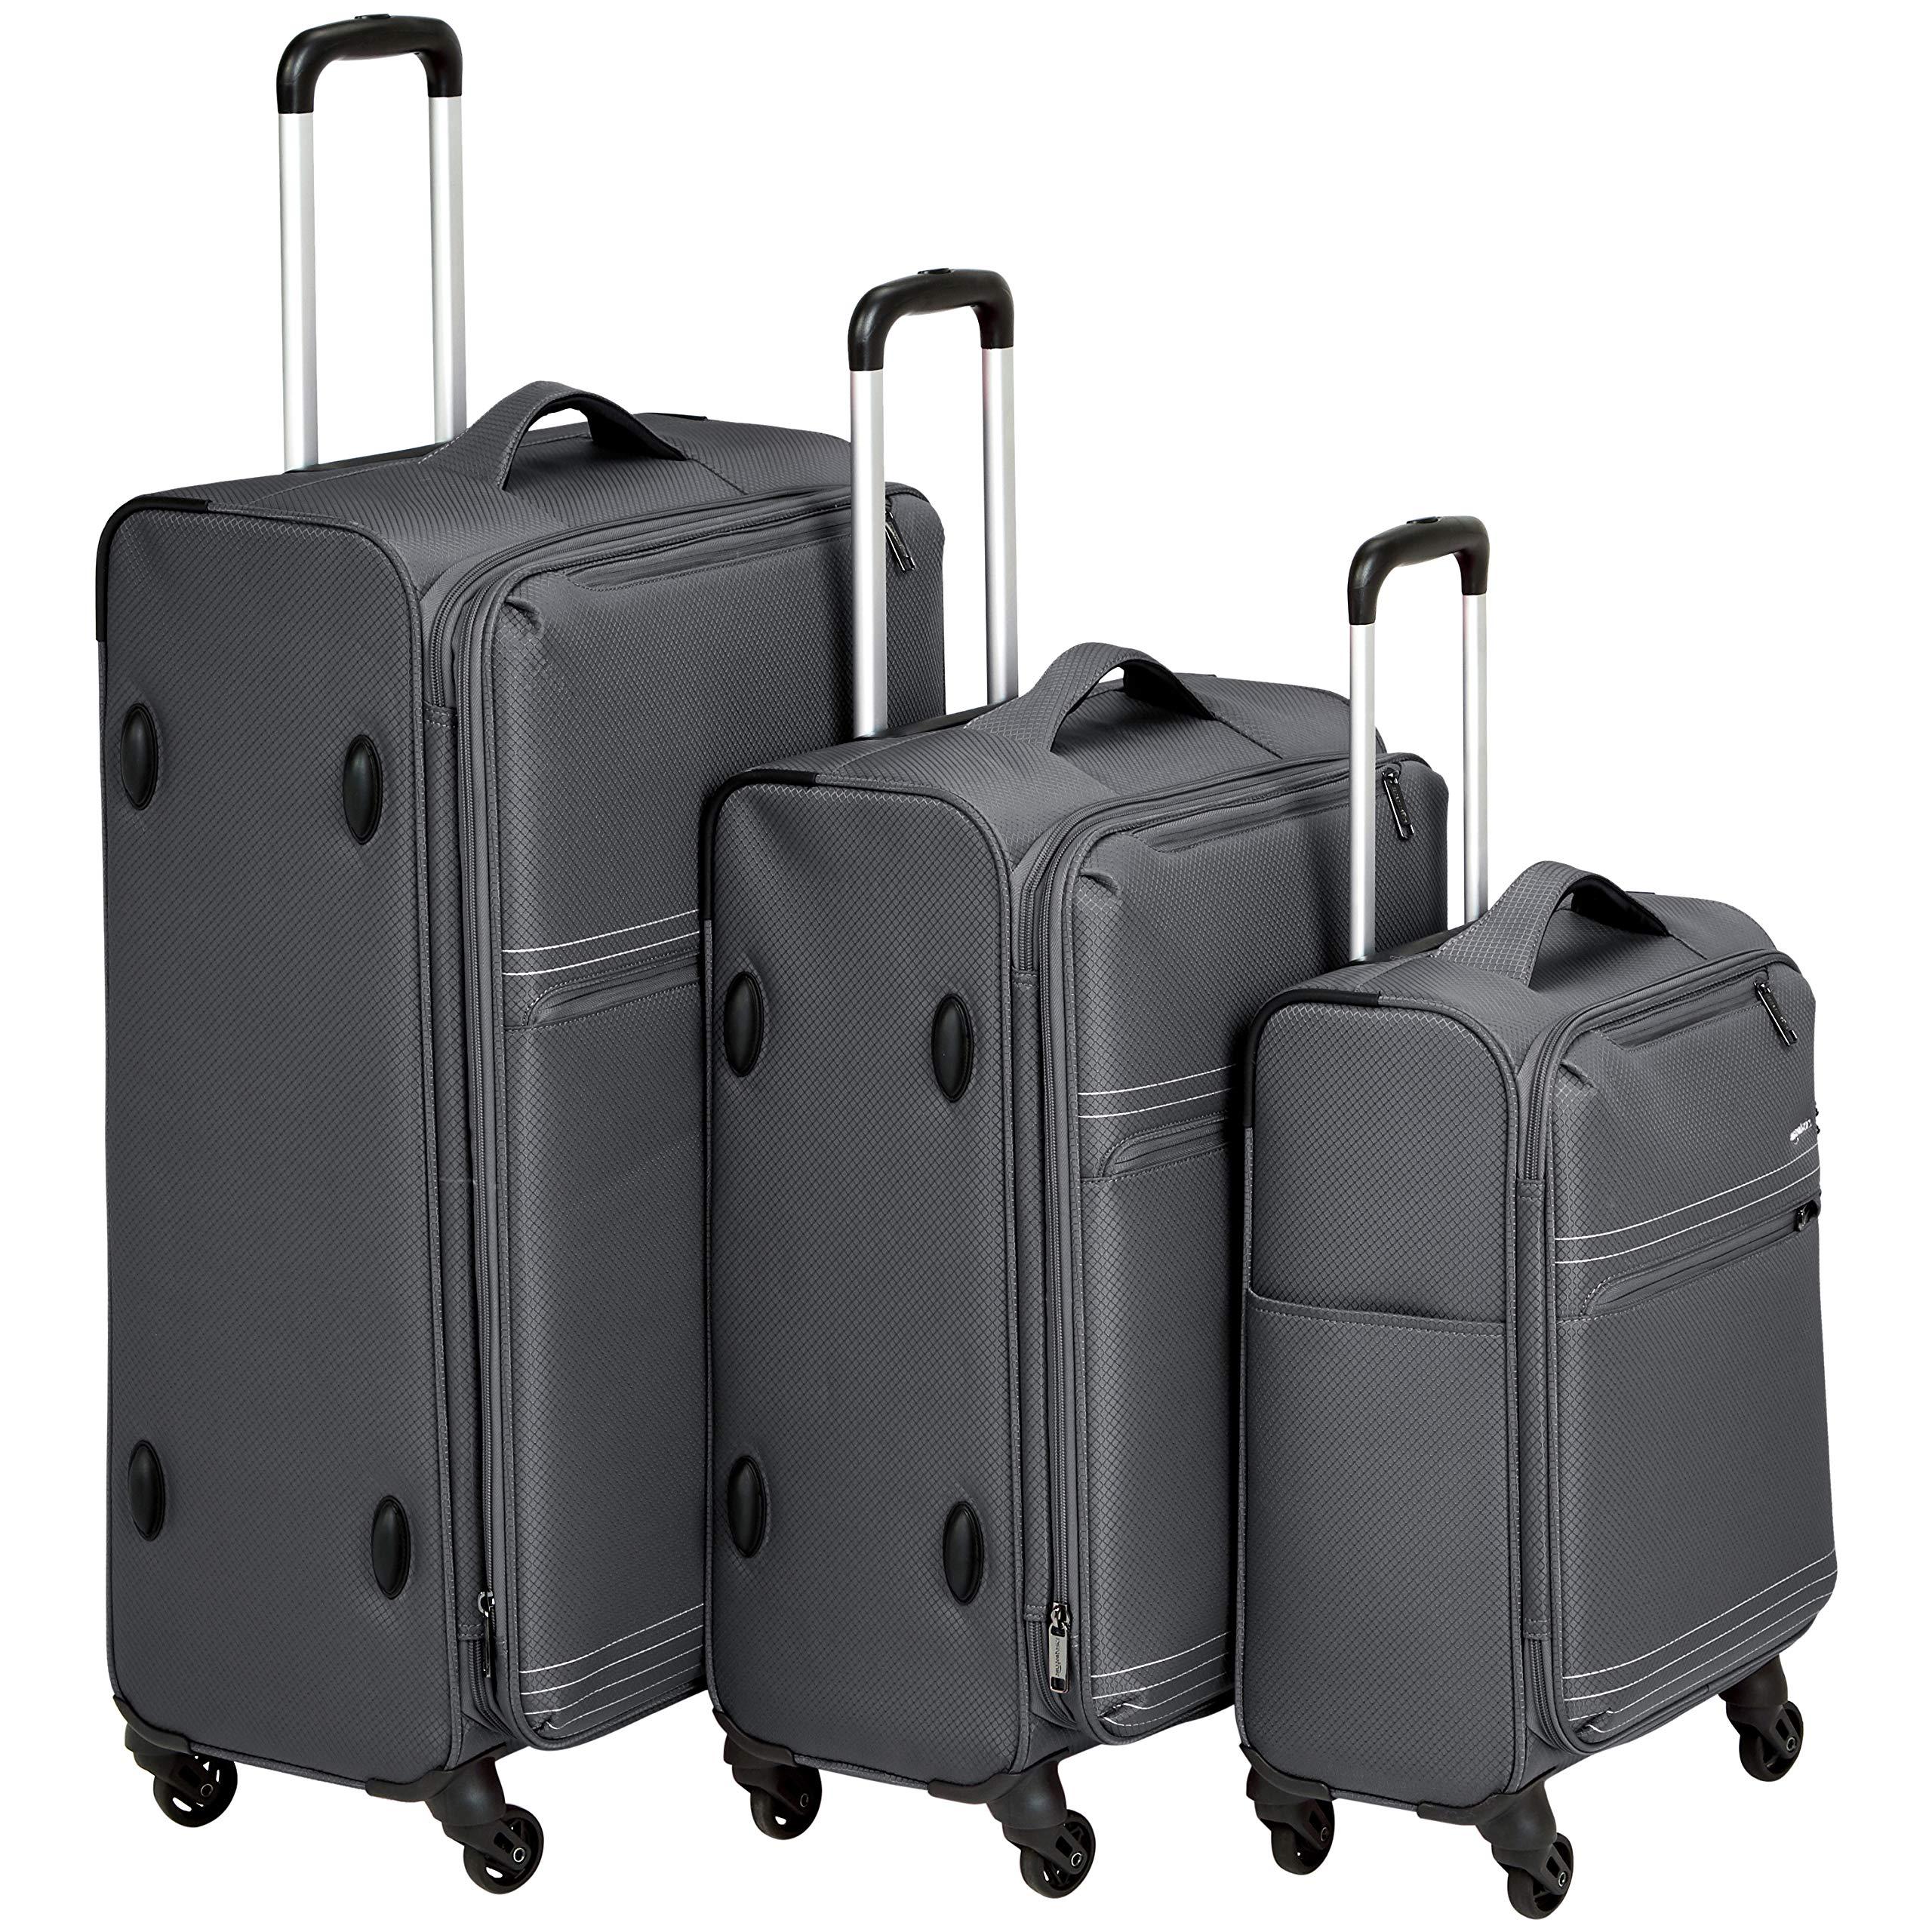 AmazonBasics 3-Piece Set (22'', 27'', 32''), Grey